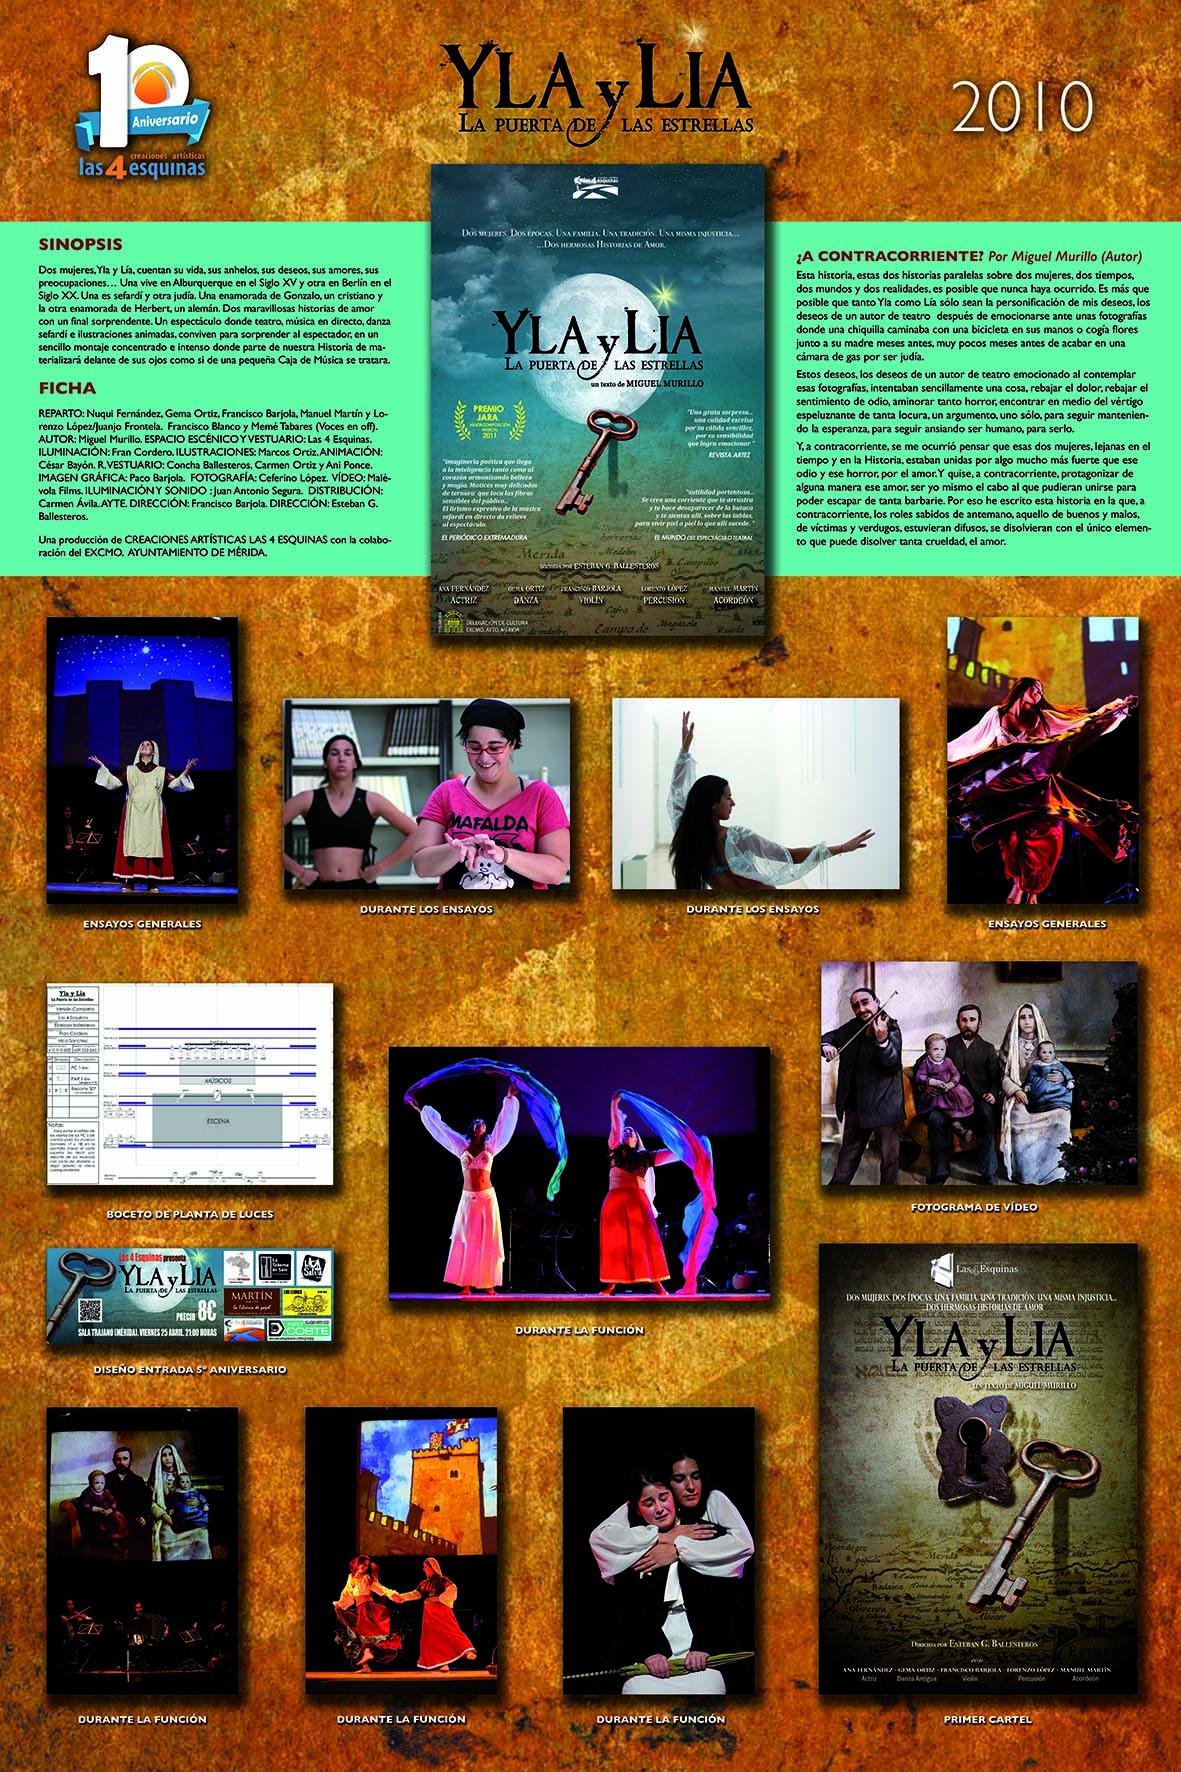 YLA Y LÍA. LA PUERTA DE LAS ESTRELLAS (2010)